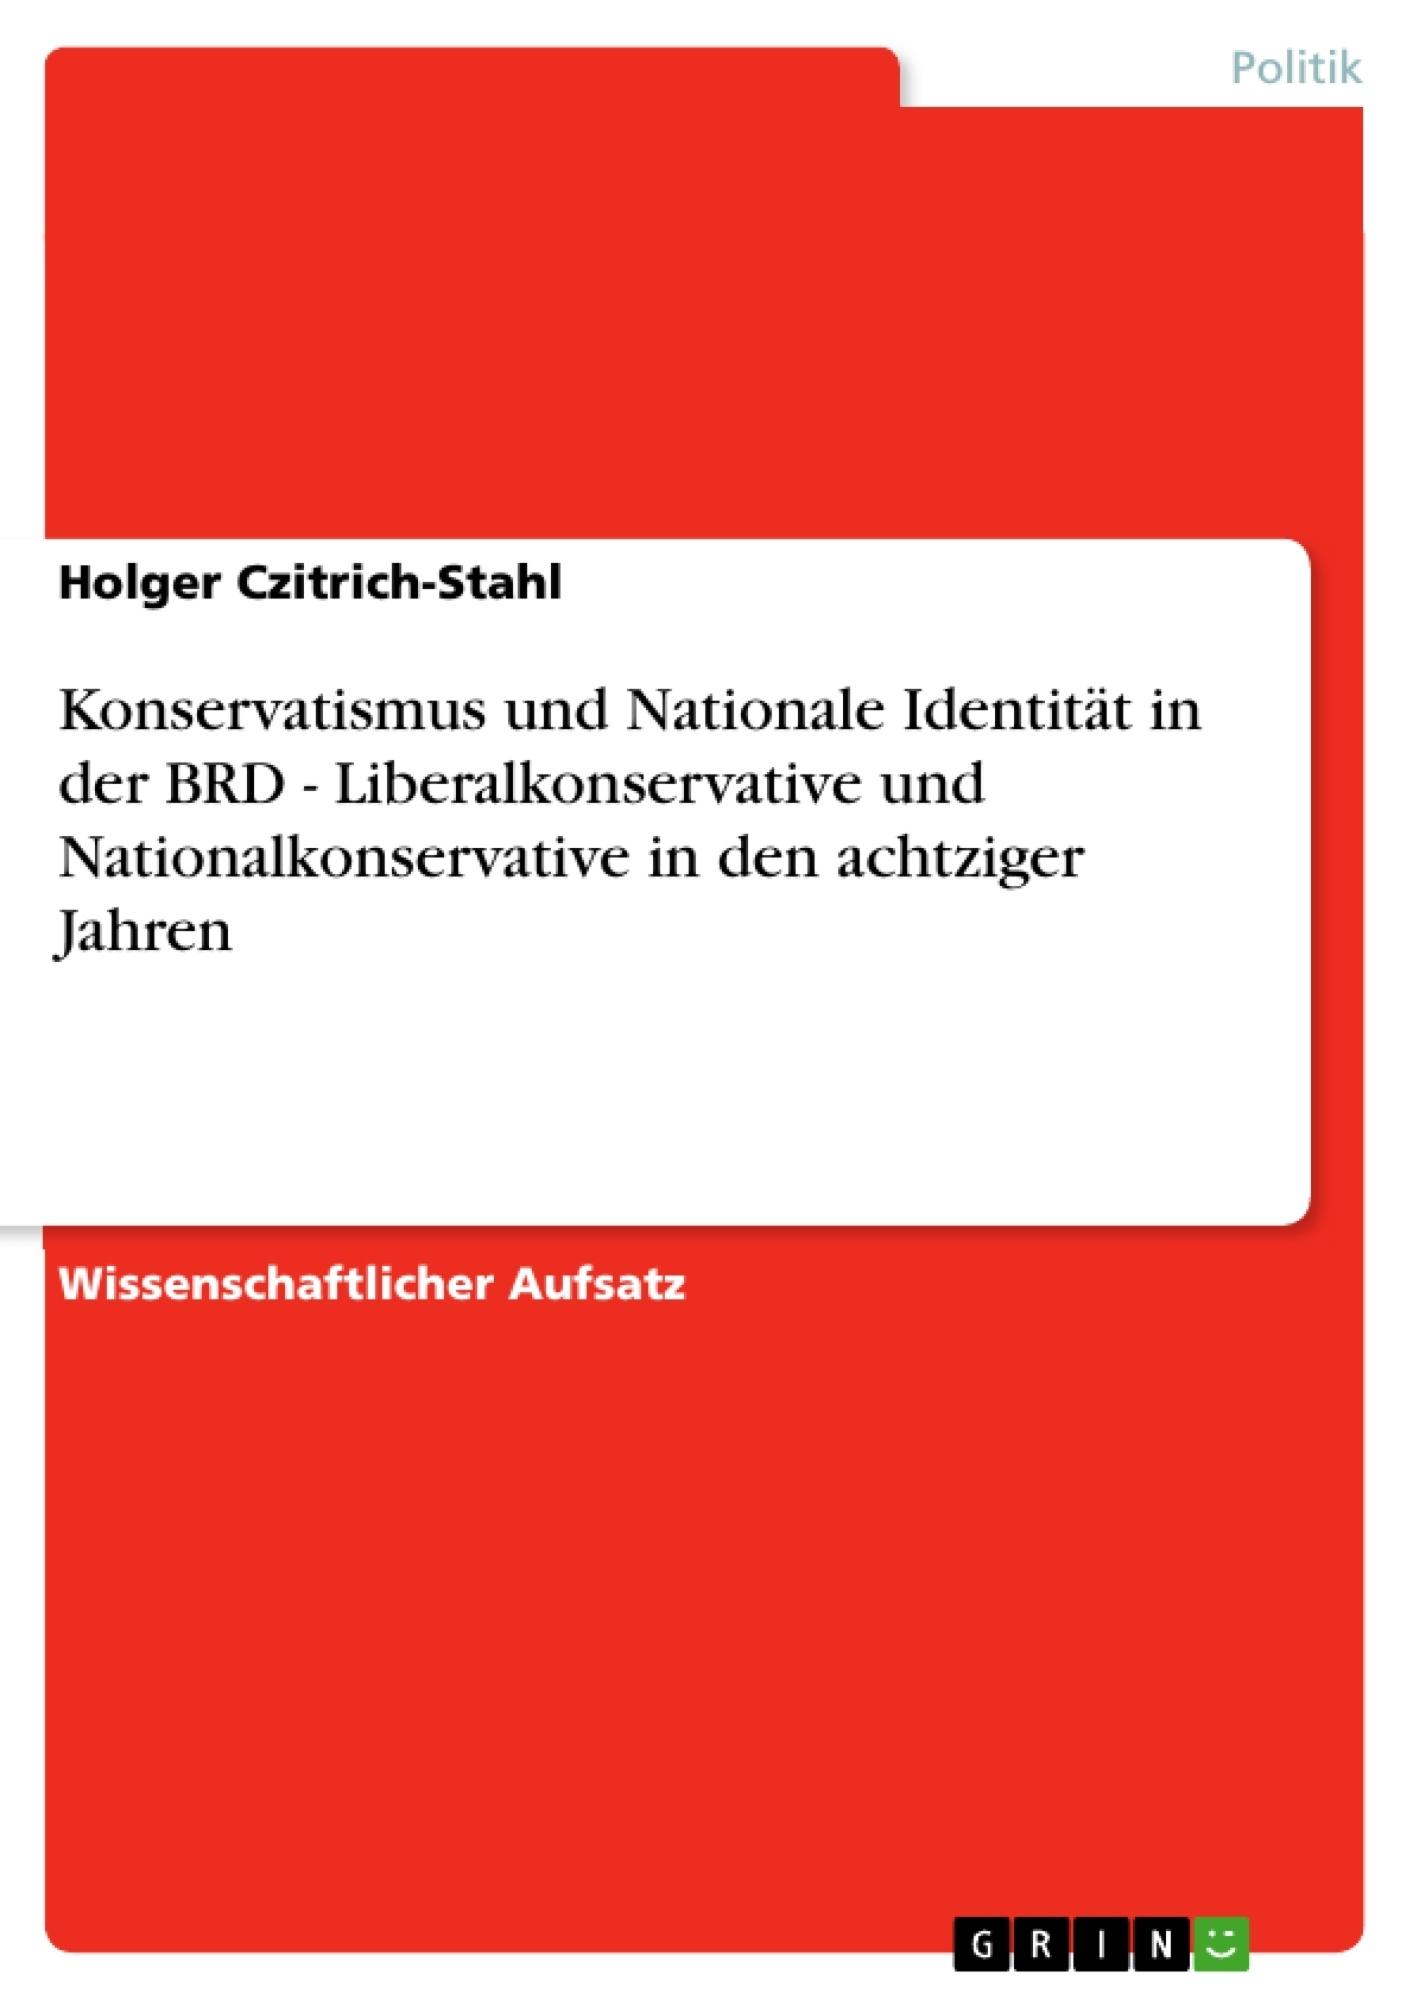 Titel: Konservatismus und Nationale Identität in der BRD - Liberalkonservative und Nationalkonservative in den achtziger Jahren